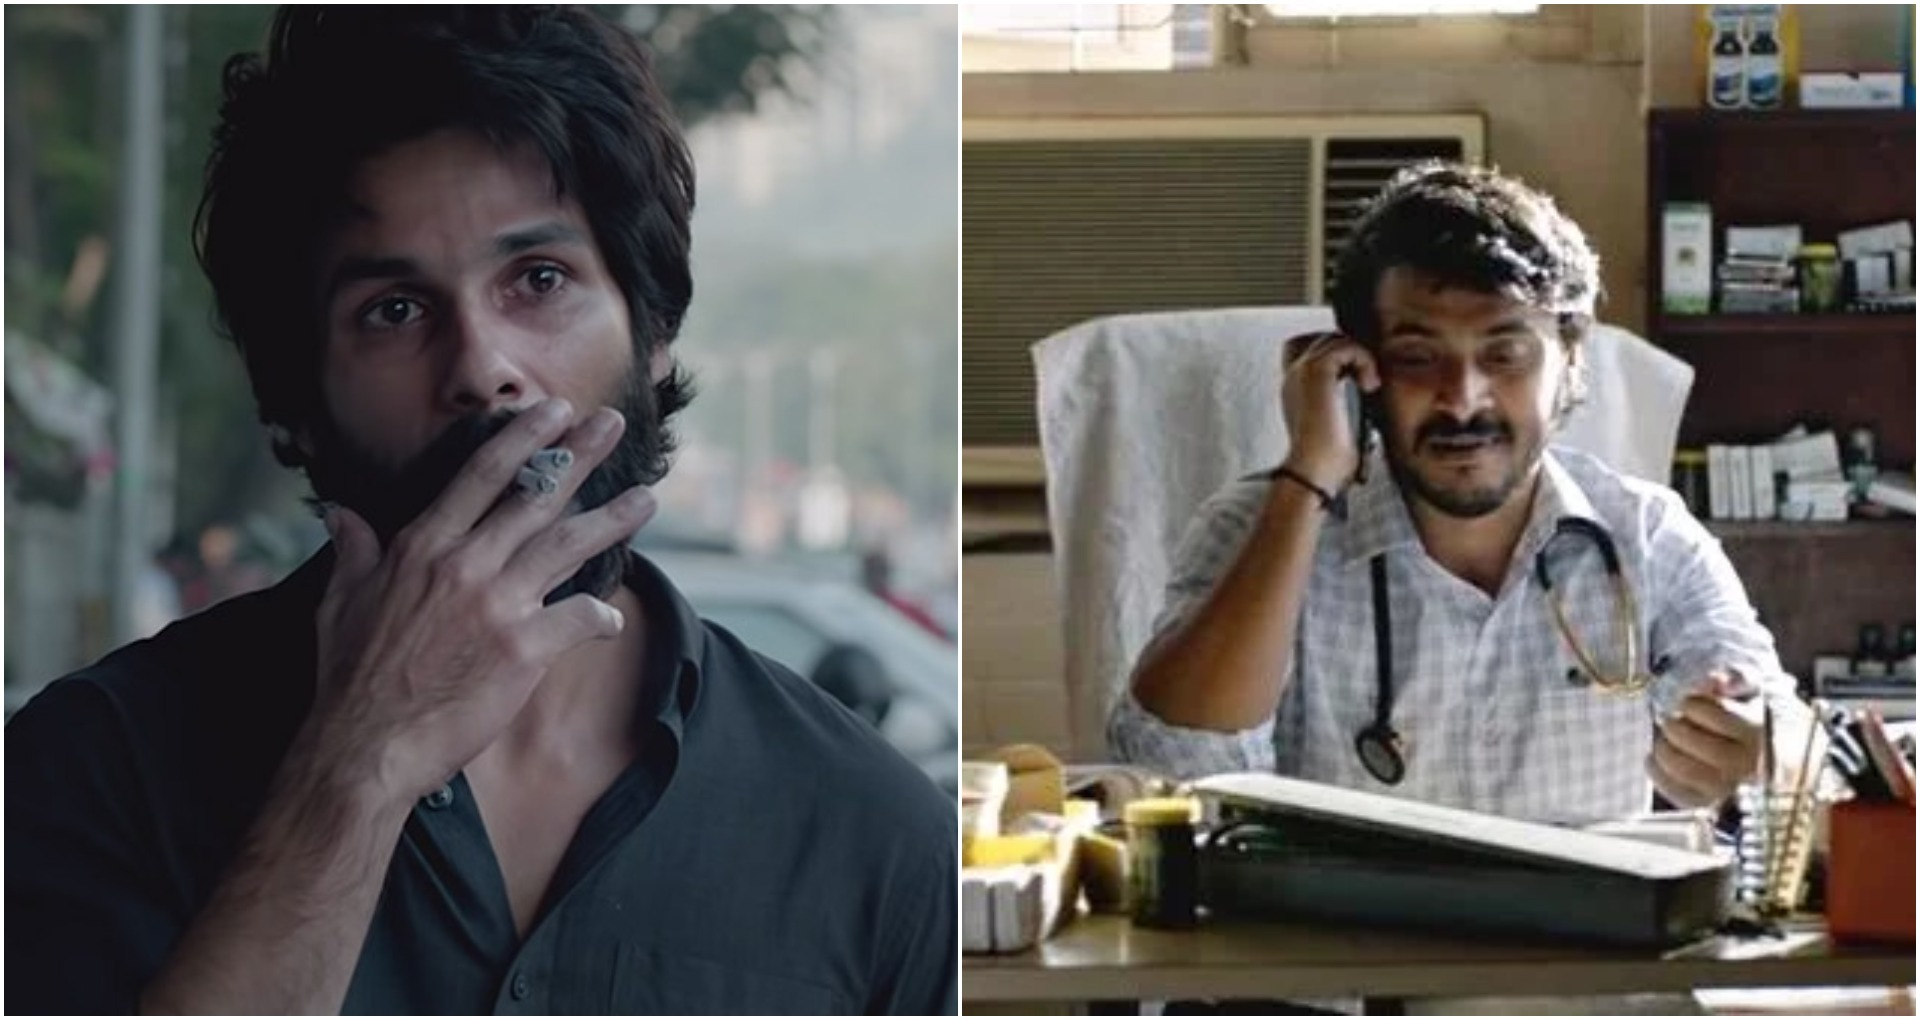 EXCLUSIVE: कबीर सिंह फिल्म के अभिनेता सोहम मजूमदार ने कहा – रियल लाइफ में कभी शिवा नहीं बन पाया, पढ़ें इंटरव्यू